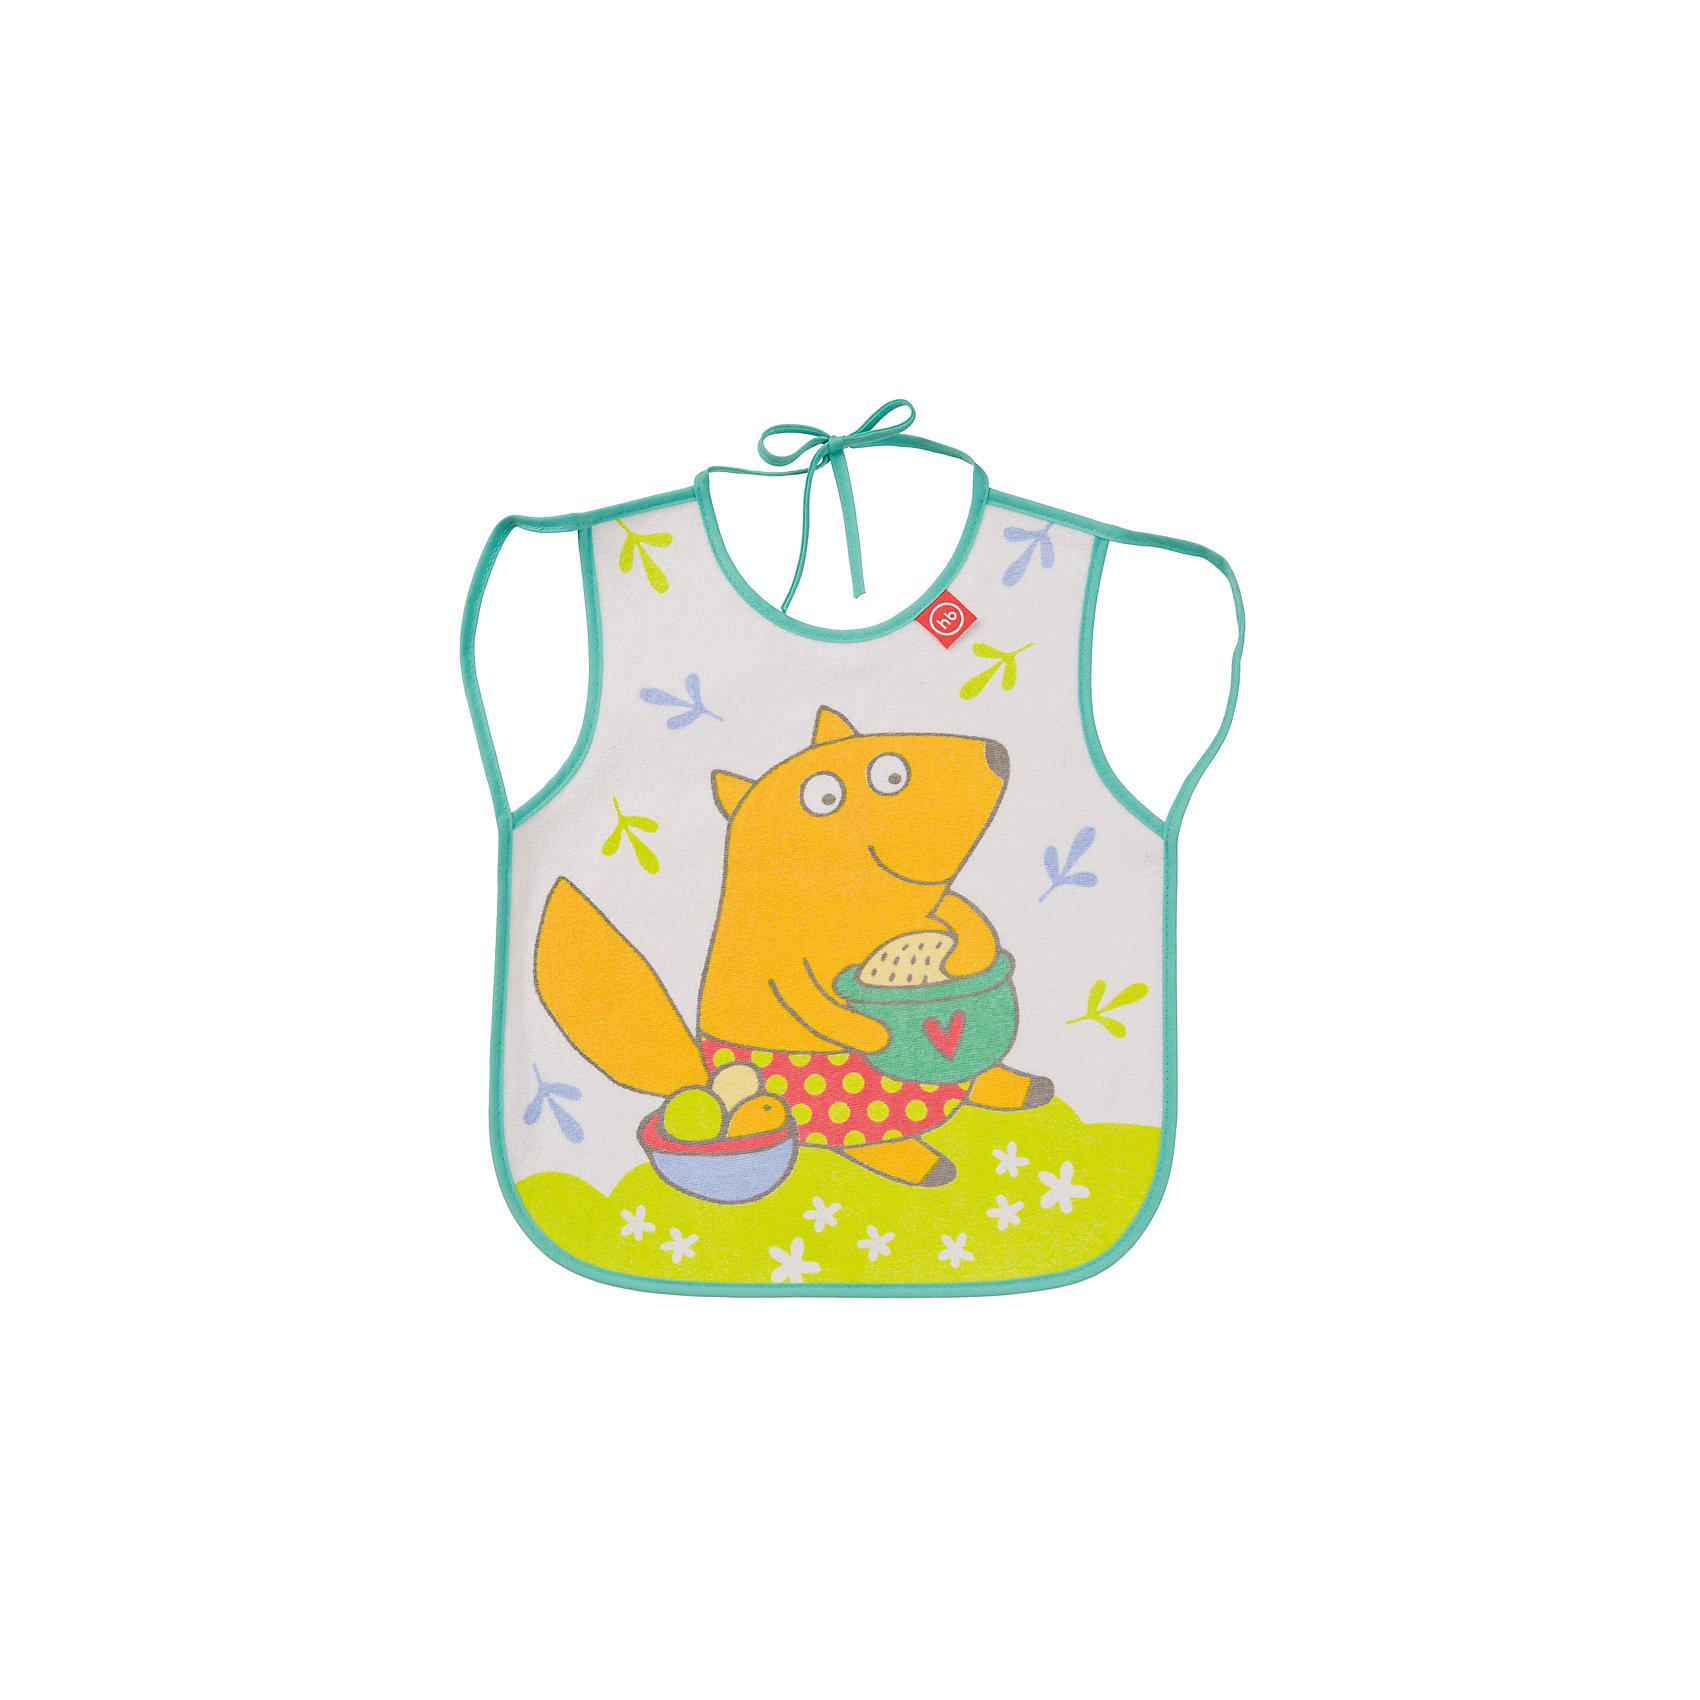 Фартук нагрудный, Happy Baby, мятныйКормление малыша, как правило, требует особой подготовки. Так же, как и приучить его есть и пить самому - непростой процесс, но на помощь родителям придут разработанные профессионалами приспособления - например, нагрудные фартуки. Фартук нагрудный от Happy Baby (Хэпи Бэби) позволит малышу легче научиться есть и пить самостоятельно.<br>Он отличается удобной формой, приятный на ощупь, из мягкого материала. Надежно защитит одежду малыша от остатков пищи и пятен, так как имеет непромокаемую подкладку. Нагрудный фартук легко надевается благодаря лямкам и завязке на шее. Украшен он симпатичным рисунком. Сделан нагрудный фартук из высококачественных и безопасных для малышей материалов.<br><br>Дополнительная информация:<br><br>цвет: разноцветный;<br>удобная форма;<br>украшен принтом;<br>непромокаемая подкладка.<br><br>Фартук нагрудный, Happy Baby (Хэпи Бэби), мятный, можно купить в нашем магазине.<br><br>Ширина мм: 10<br>Глубина мм: 200<br>Высота мм: 320<br>Вес г: 42<br>Возраст от месяцев: 3<br>Возраст до месяцев: 36<br>Пол: Унисекс<br>Возраст: Детский<br>SKU: 4695010